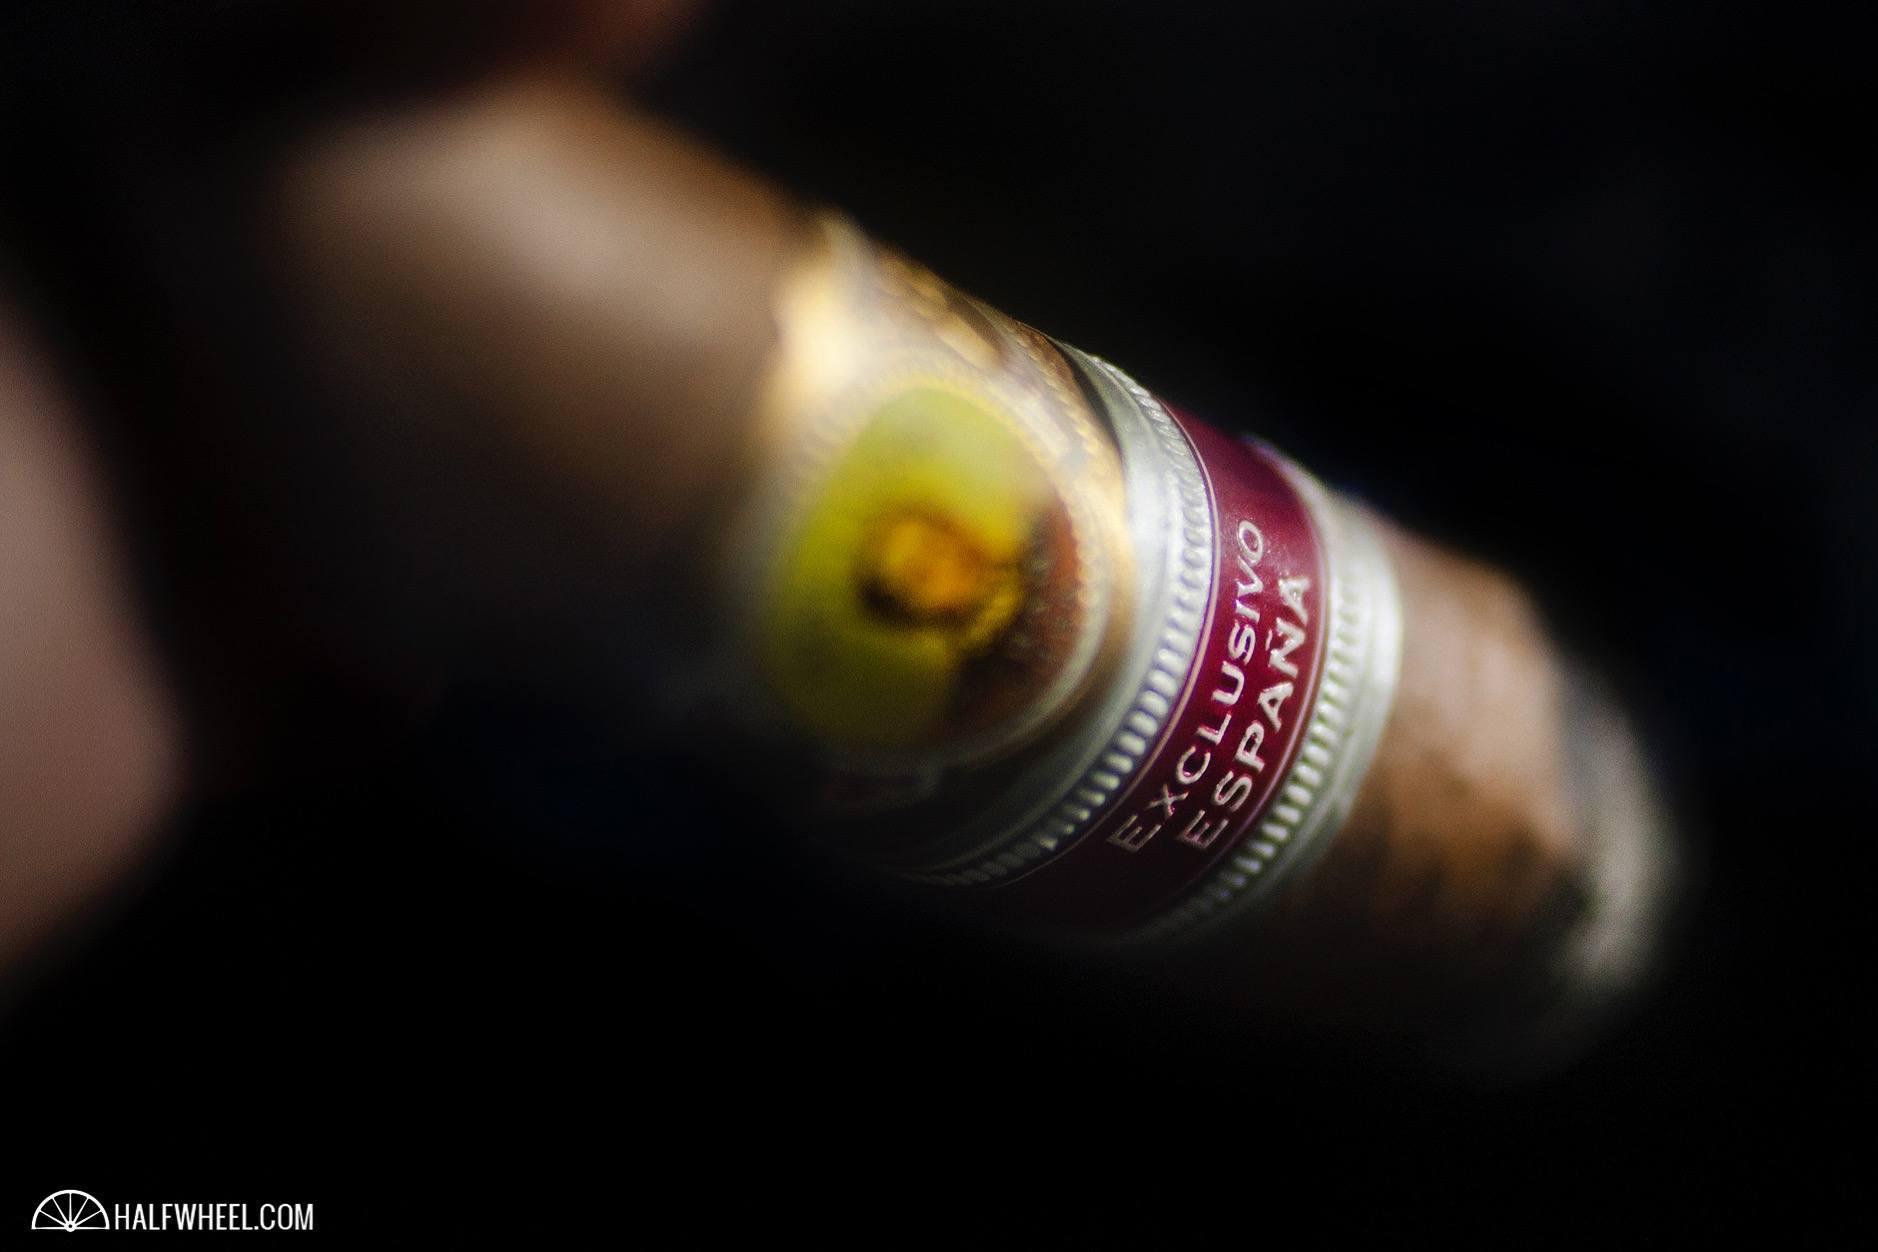 Bolivar 108 3